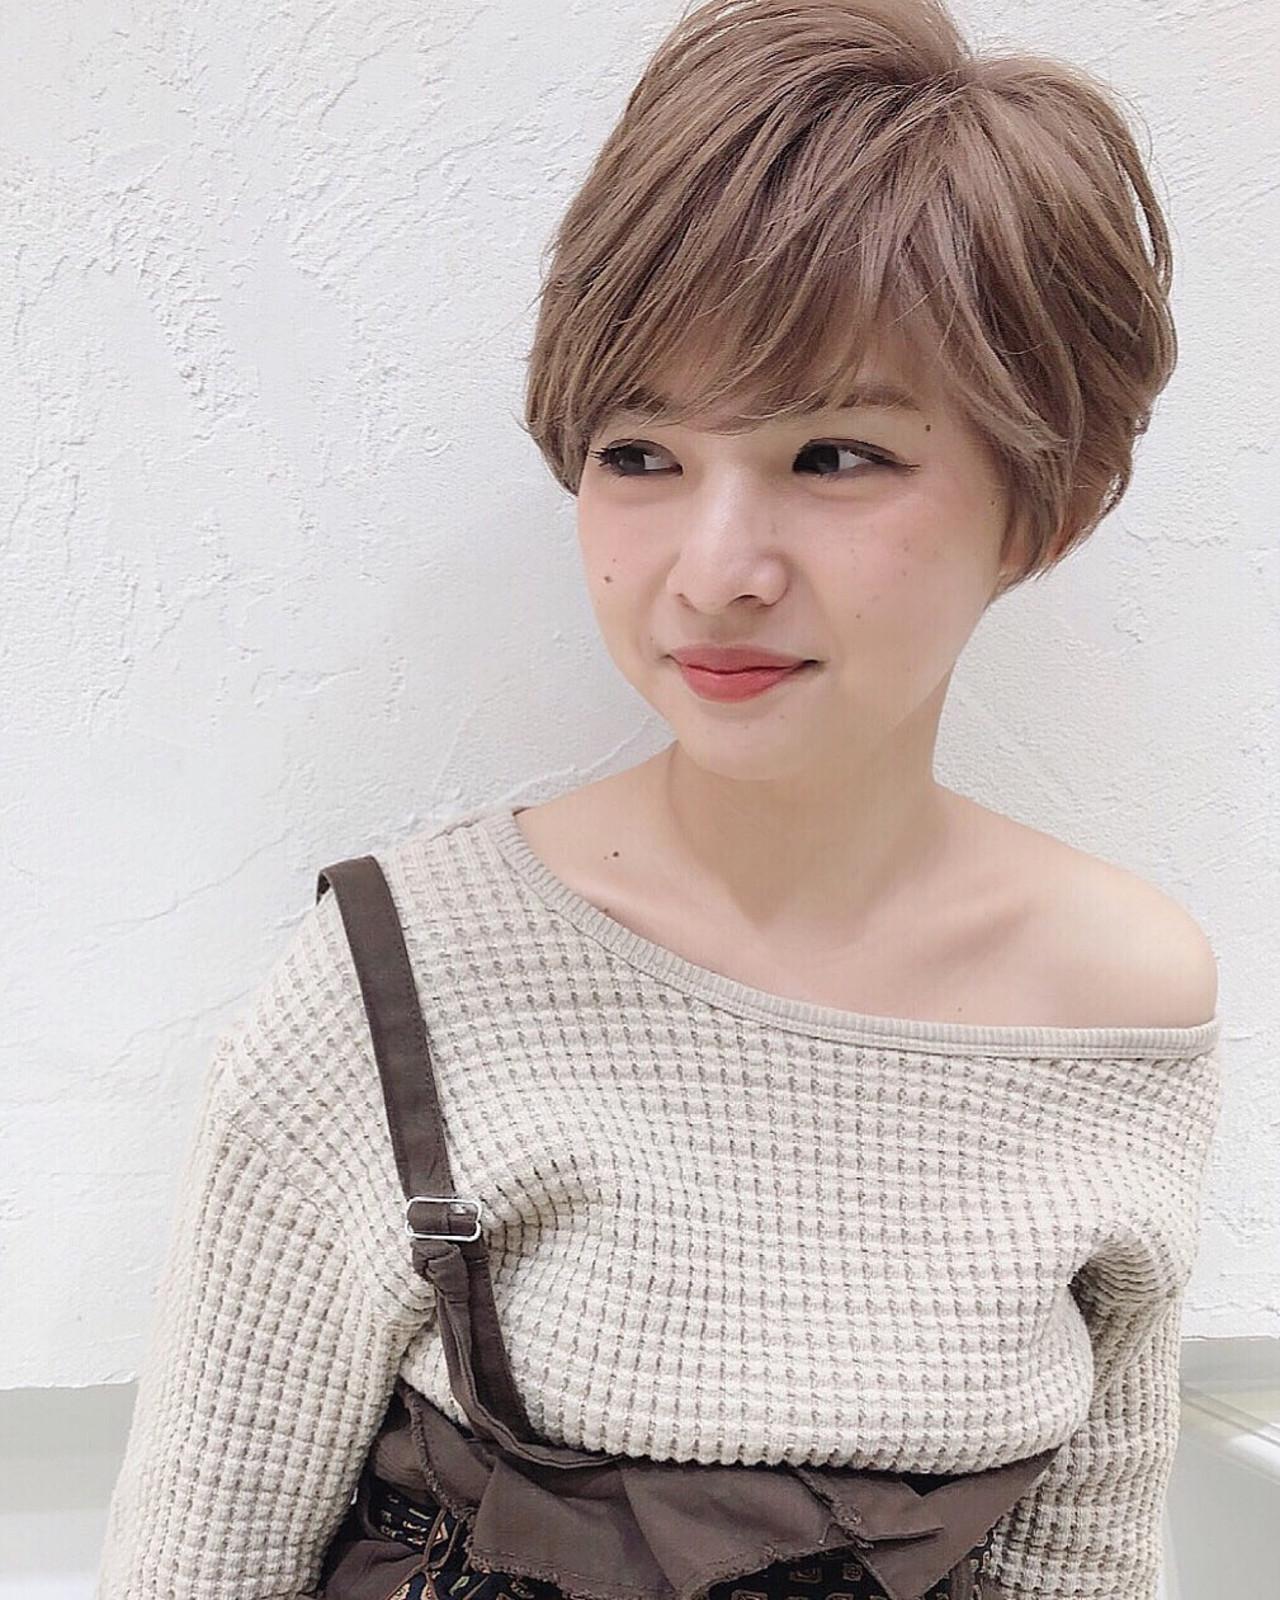 ミルクティーベージュ 小顔ショート ブリーチオンカラー ストリート ヘアスタイルや髪型の写真・画像